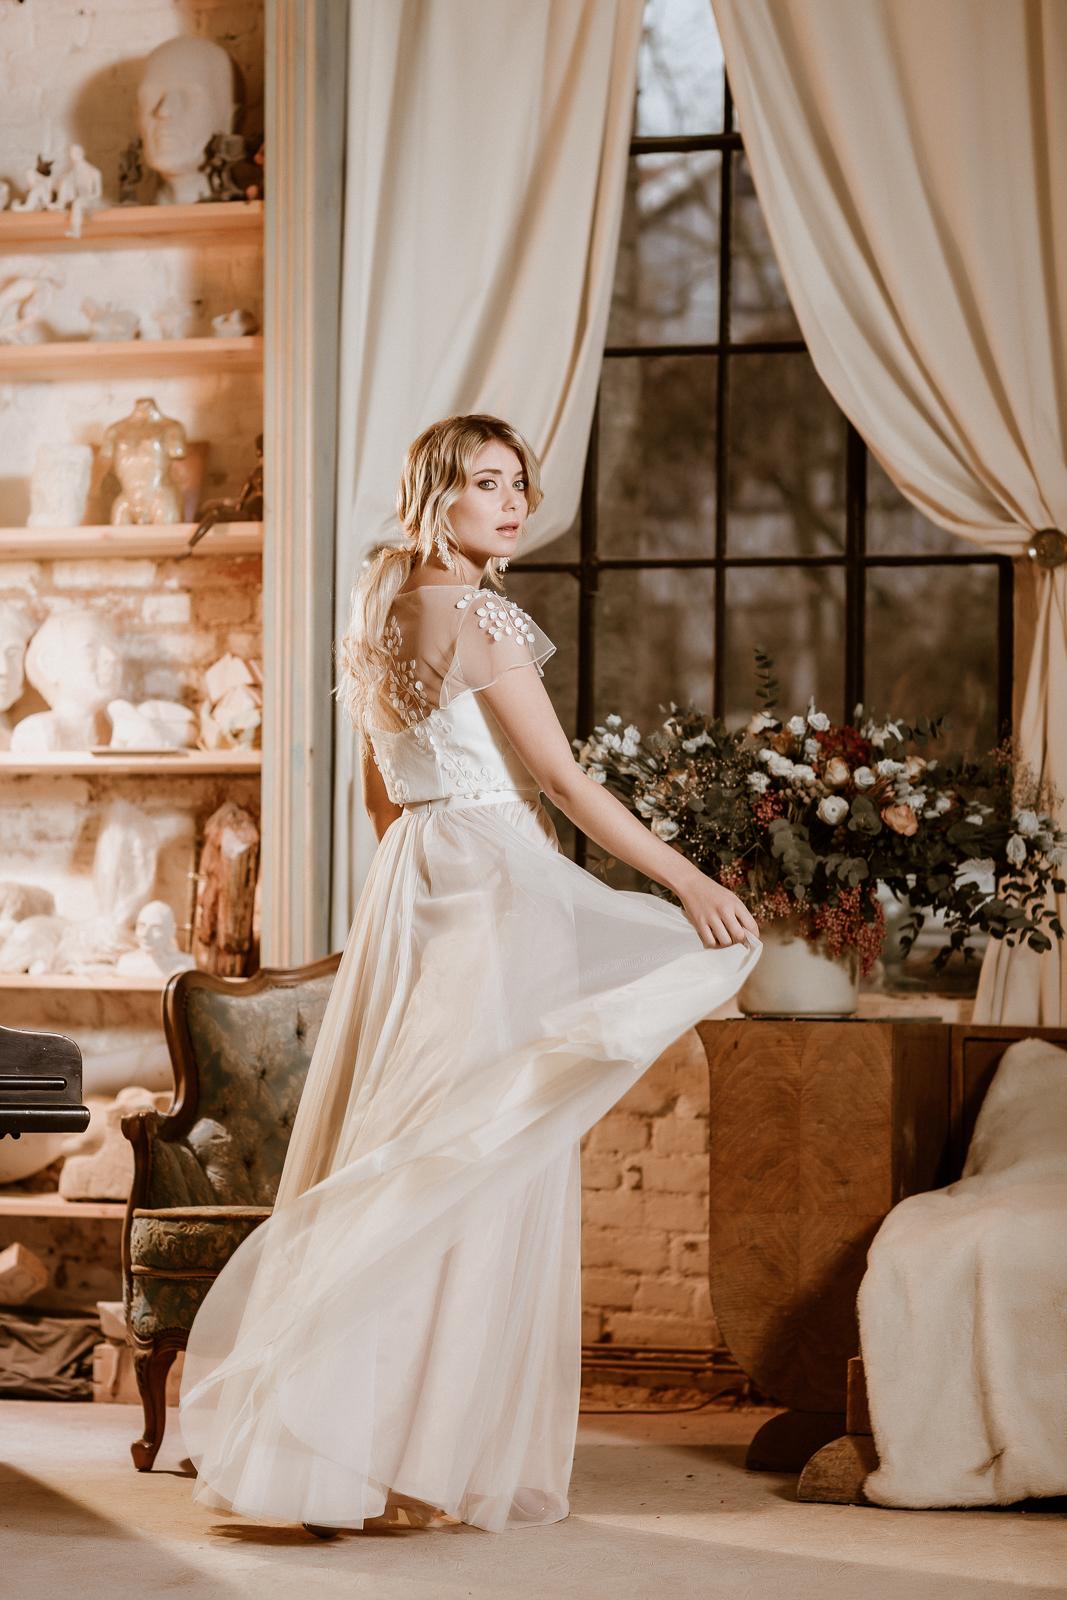 noni Jubiläumskollektion | Brautkleid mit Croptop aus 3D-Spitze und Tüllrock in Ivory-Blush, Frontalansicht, Rückenansicht (Foto: Le Hai Linh)